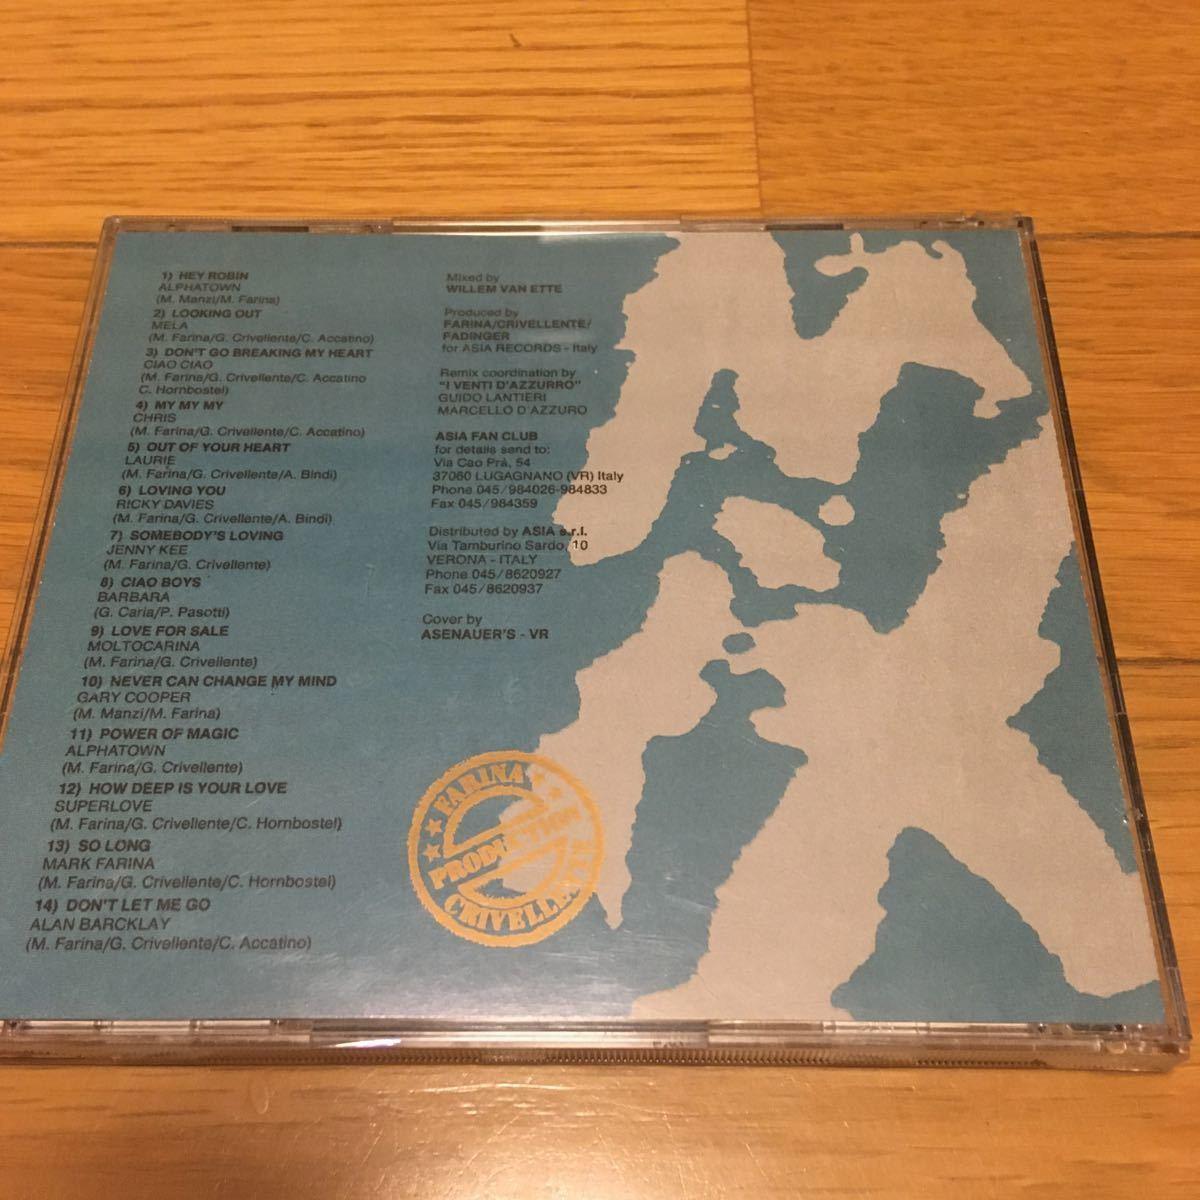 ネコポス送料無料☆BAT'S Eurobeat vol.1 WHERES・ROBIN・MIX☆バッツ ユーロビート vol.1☆イタリアASIAレーベル☆希少盤_画像2